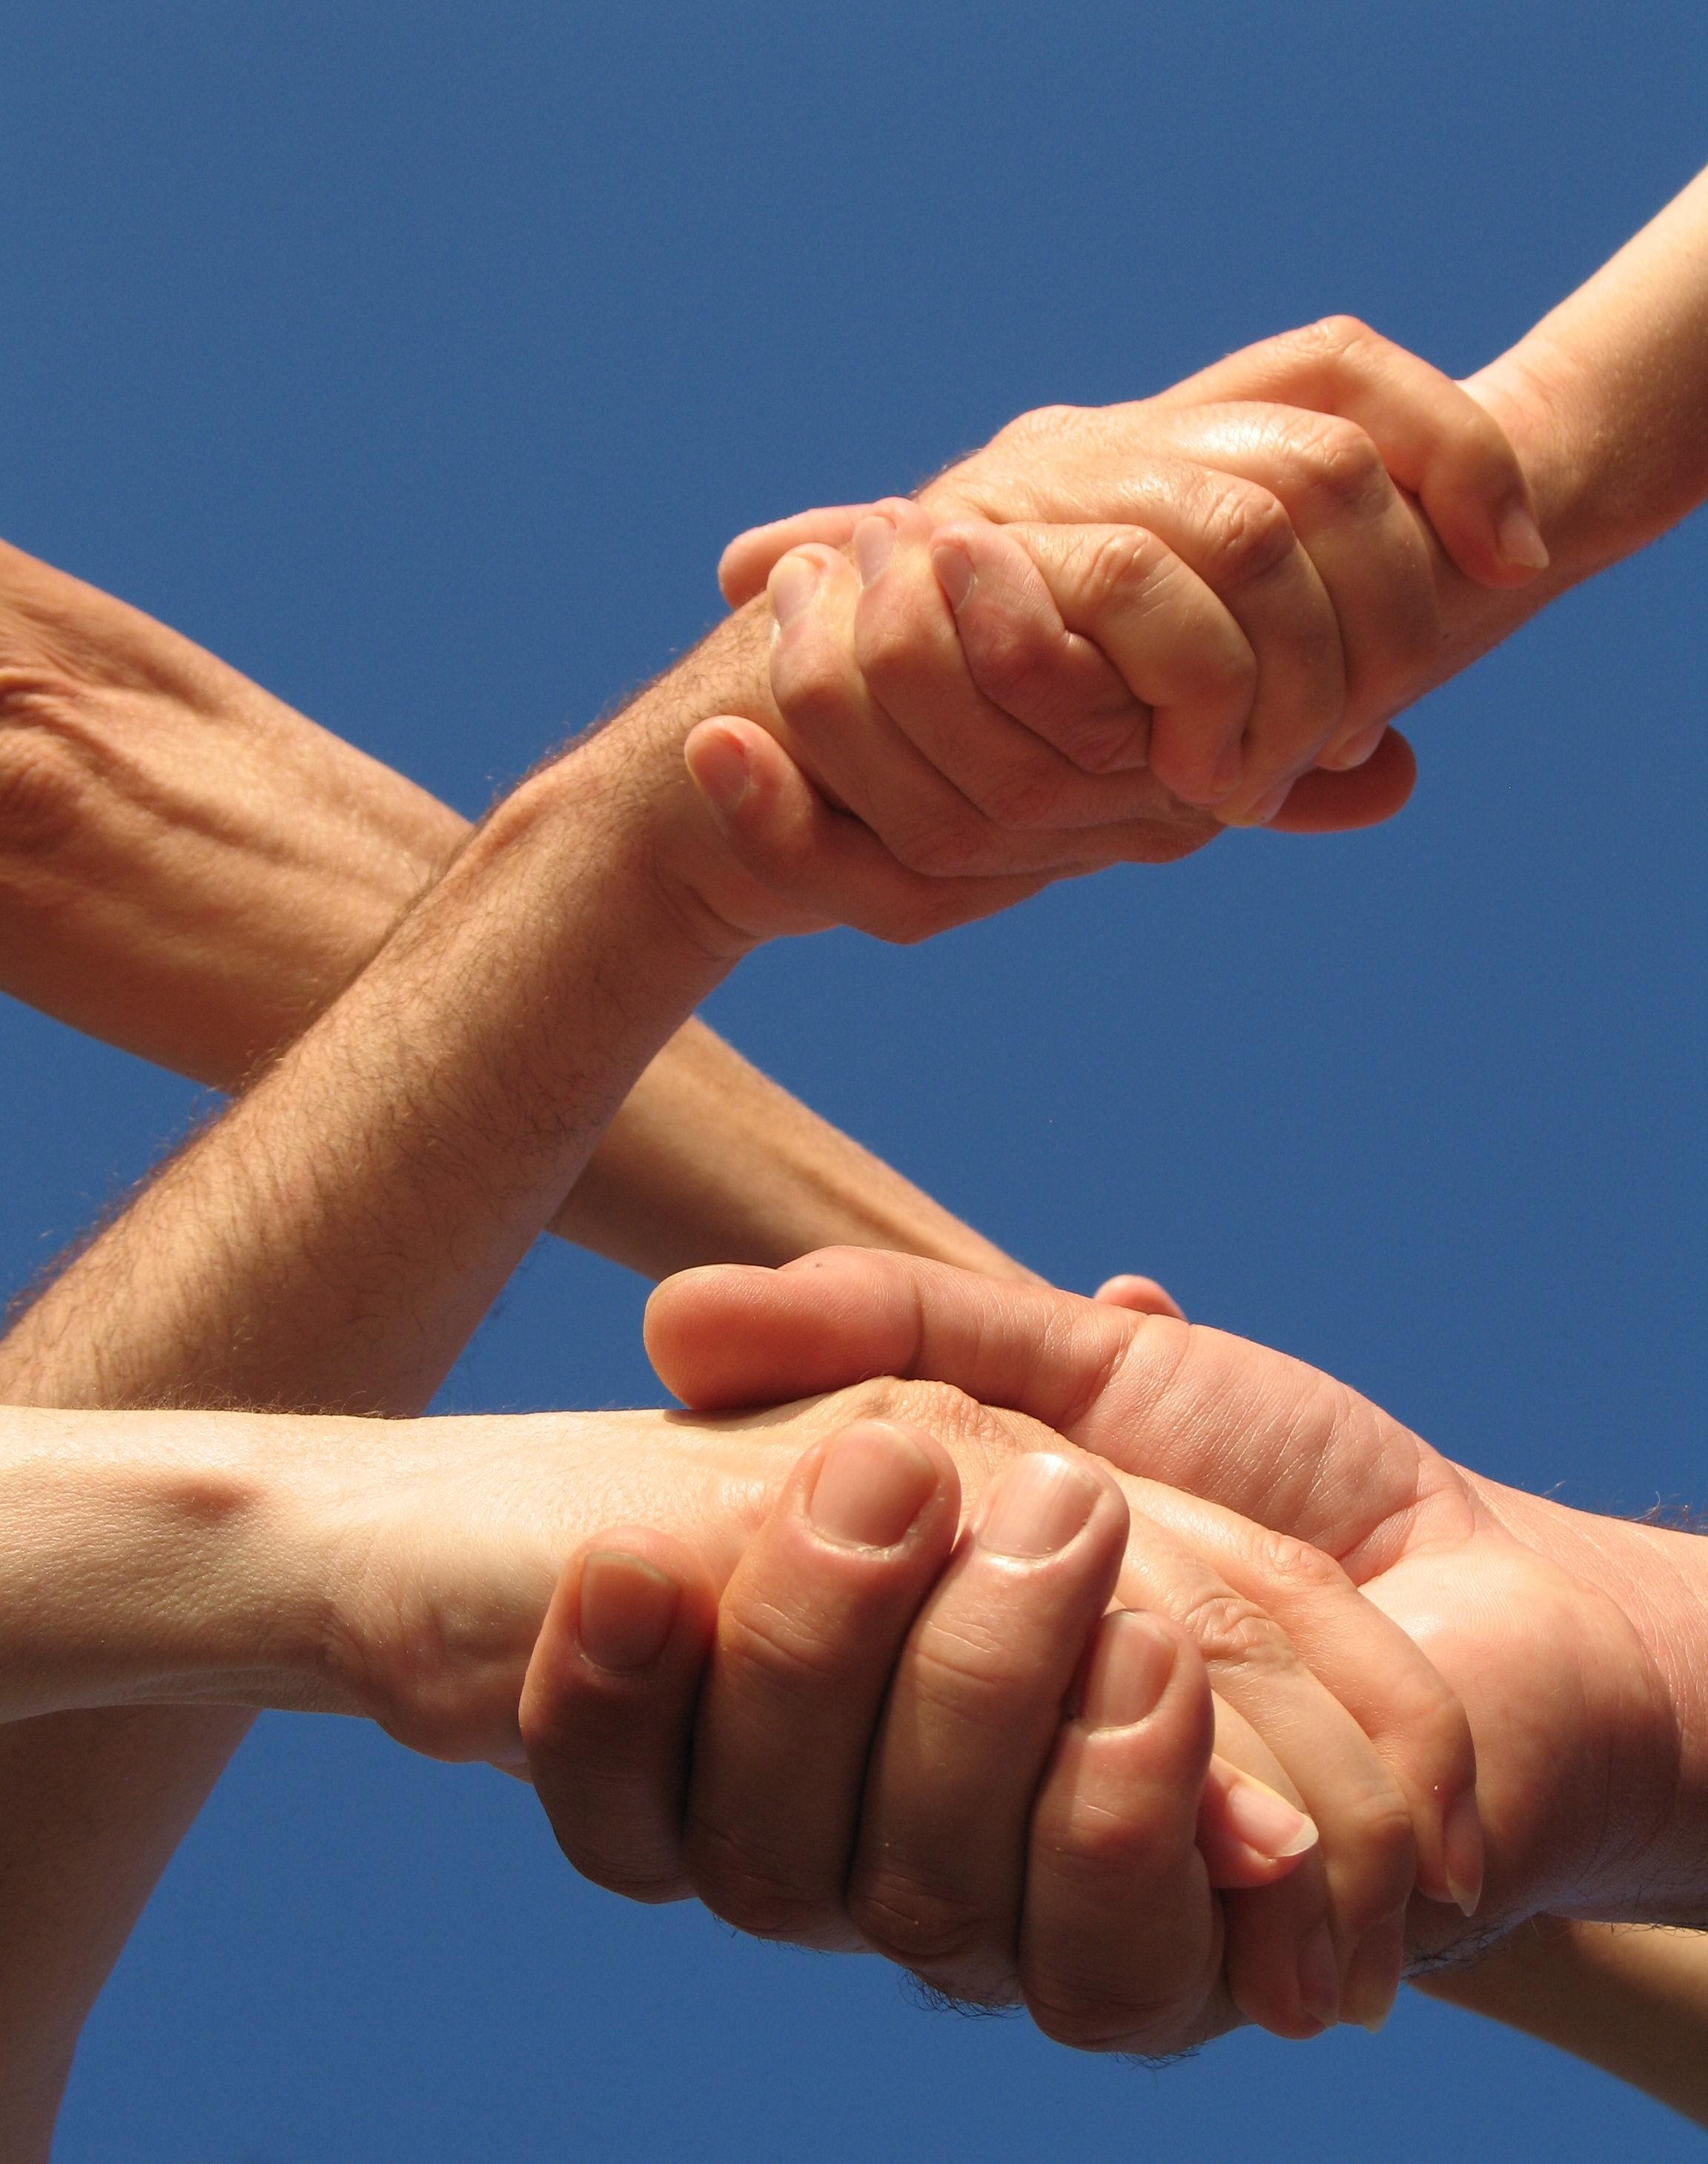 affari-contratti-stretta-mani